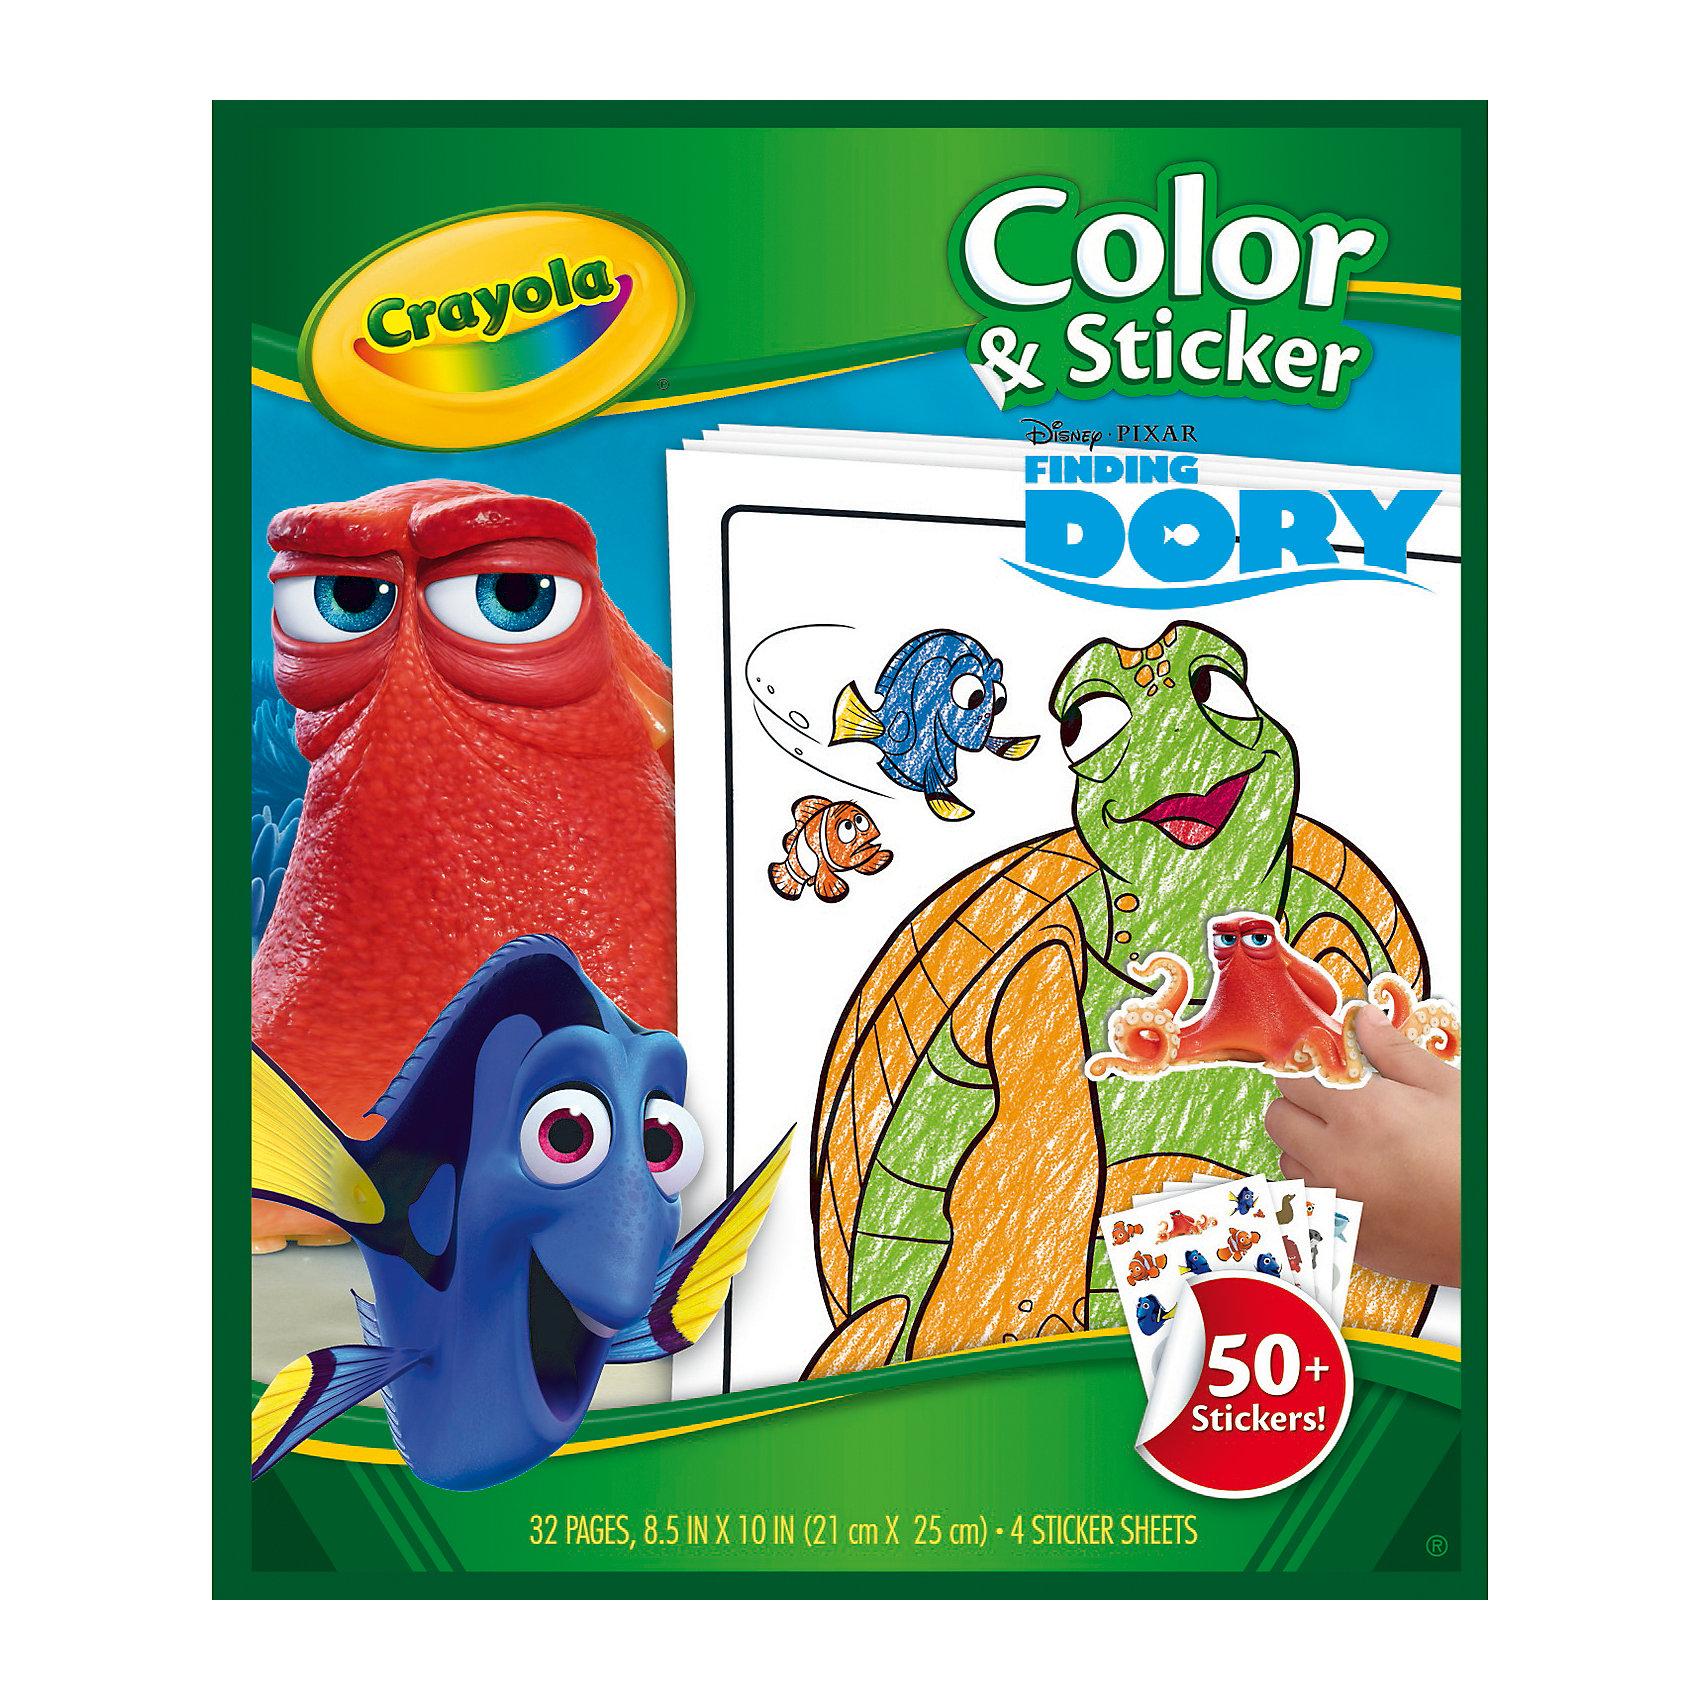 Раскраска с наклейками В поисках ДориВ поисках Дори<br>Раскраска с наклейками включает в себя 32 страницы с раскрасками и 4 дополнительных листа с яркими наклейками. Каждая картинка-это известные персонажи мультфильма В поисках Дори. Изделие выполнено из прочной и качественной бумаги, так что ребёнок сможет раскрашивать как карандашами, так и фломастерами. Наклейки можно приклеить в специальные места, которые ребёнок определит в соответствии с силуэтом. Раскрашивая картинки, ребёнок может изучать морской мир,что повлияет на его общее развитие. Вес раскраски небольшой(180 г), поэтому малыш сможет взять её с собой в путешествие или на прогулку. Раскраска с наклейками В поисках Дори принесет вашему ребёнку много положительных эмоций. Вы можете преобрести её в нашем интернет-магазине.<br><br>В набор входит:<br>-раскраска<br>-4 дополнительных листа (более 50 наклеек)<br><br>Дополнительная информация:<br>-Бренд:Crayola(Крайола)- бренд художественных изделий<br>-Возраст: от 3 лет<br>-Для мальчиков и девочек<br>-Состав: бумага.<br>-Количество страниц: 32.<br>-Размер раскраски: 30 х 1 х 20 см.<br>-Страна обладатель бренда: США.<br><br>Ширина мм: 330<br>Глубина мм: 10<br>Высота мм: 500<br>Вес г: 166<br>Возраст от месяцев: 36<br>Возраст до месяцев: 84<br>Пол: Унисекс<br>Возраст: Детский<br>SKU: 4936092